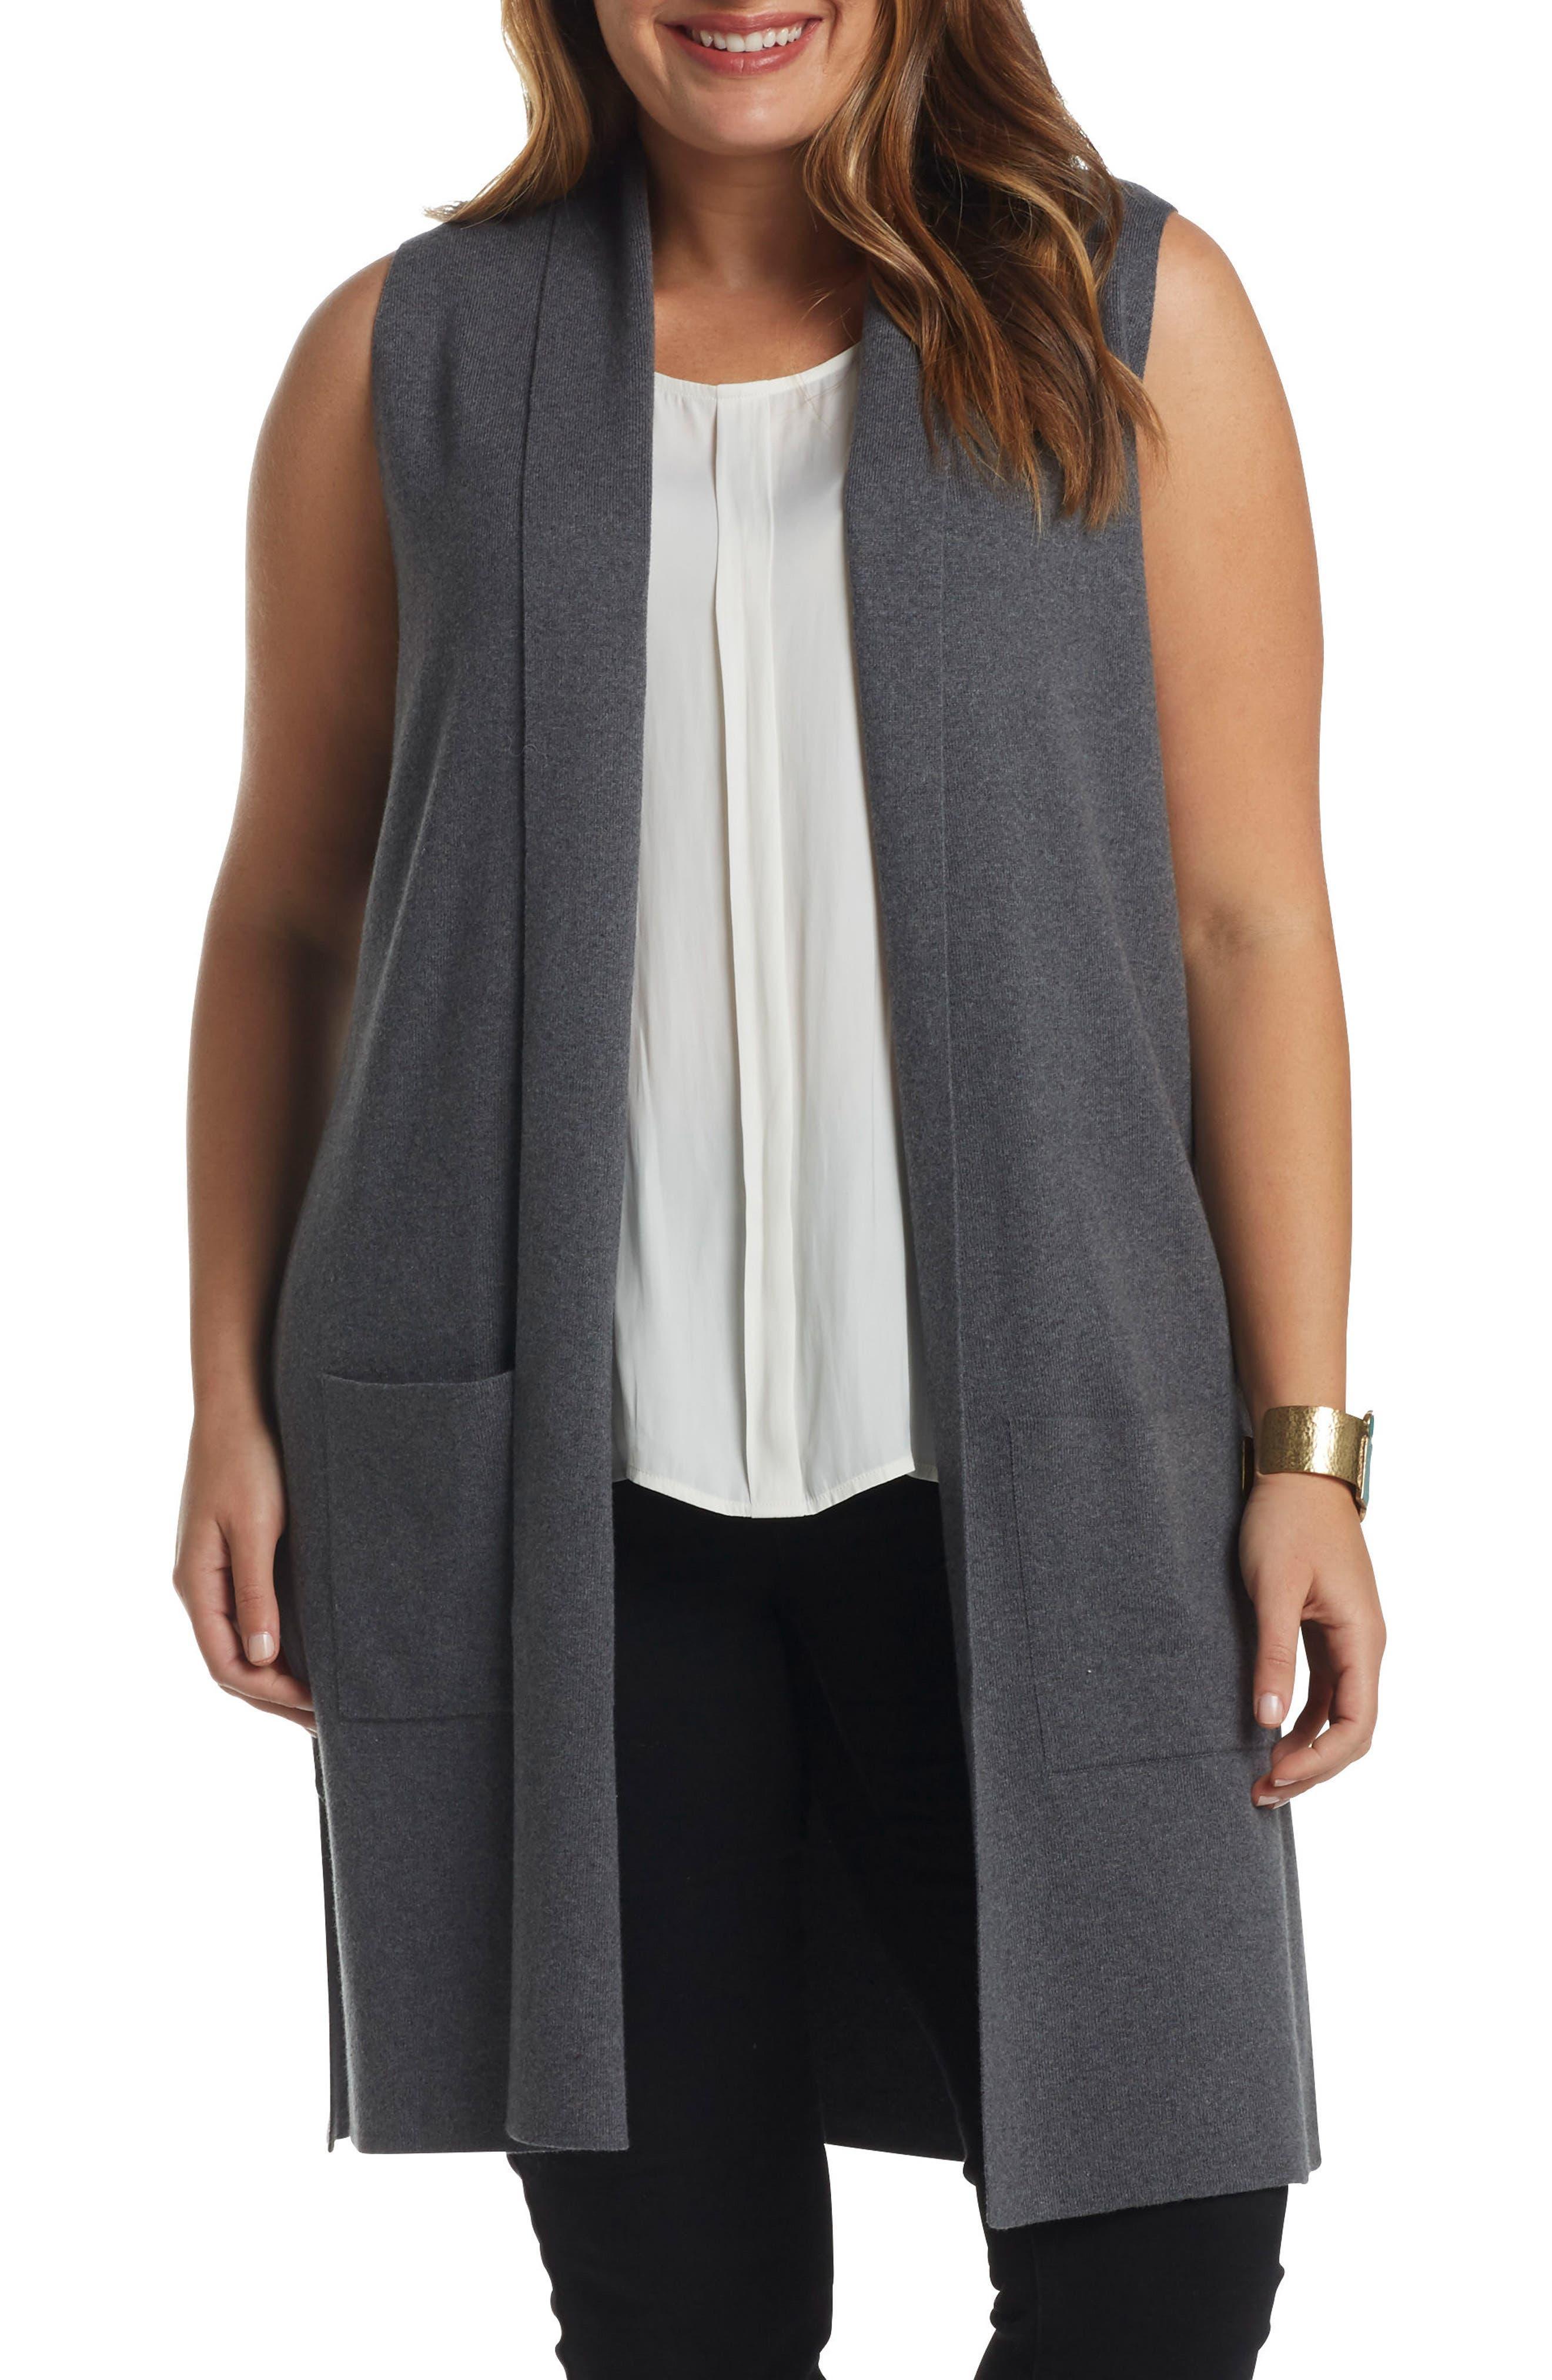 Melva Cotton & Cashmere Open Front Sweater Vest,                             Alternate thumbnail 2, color,                             023